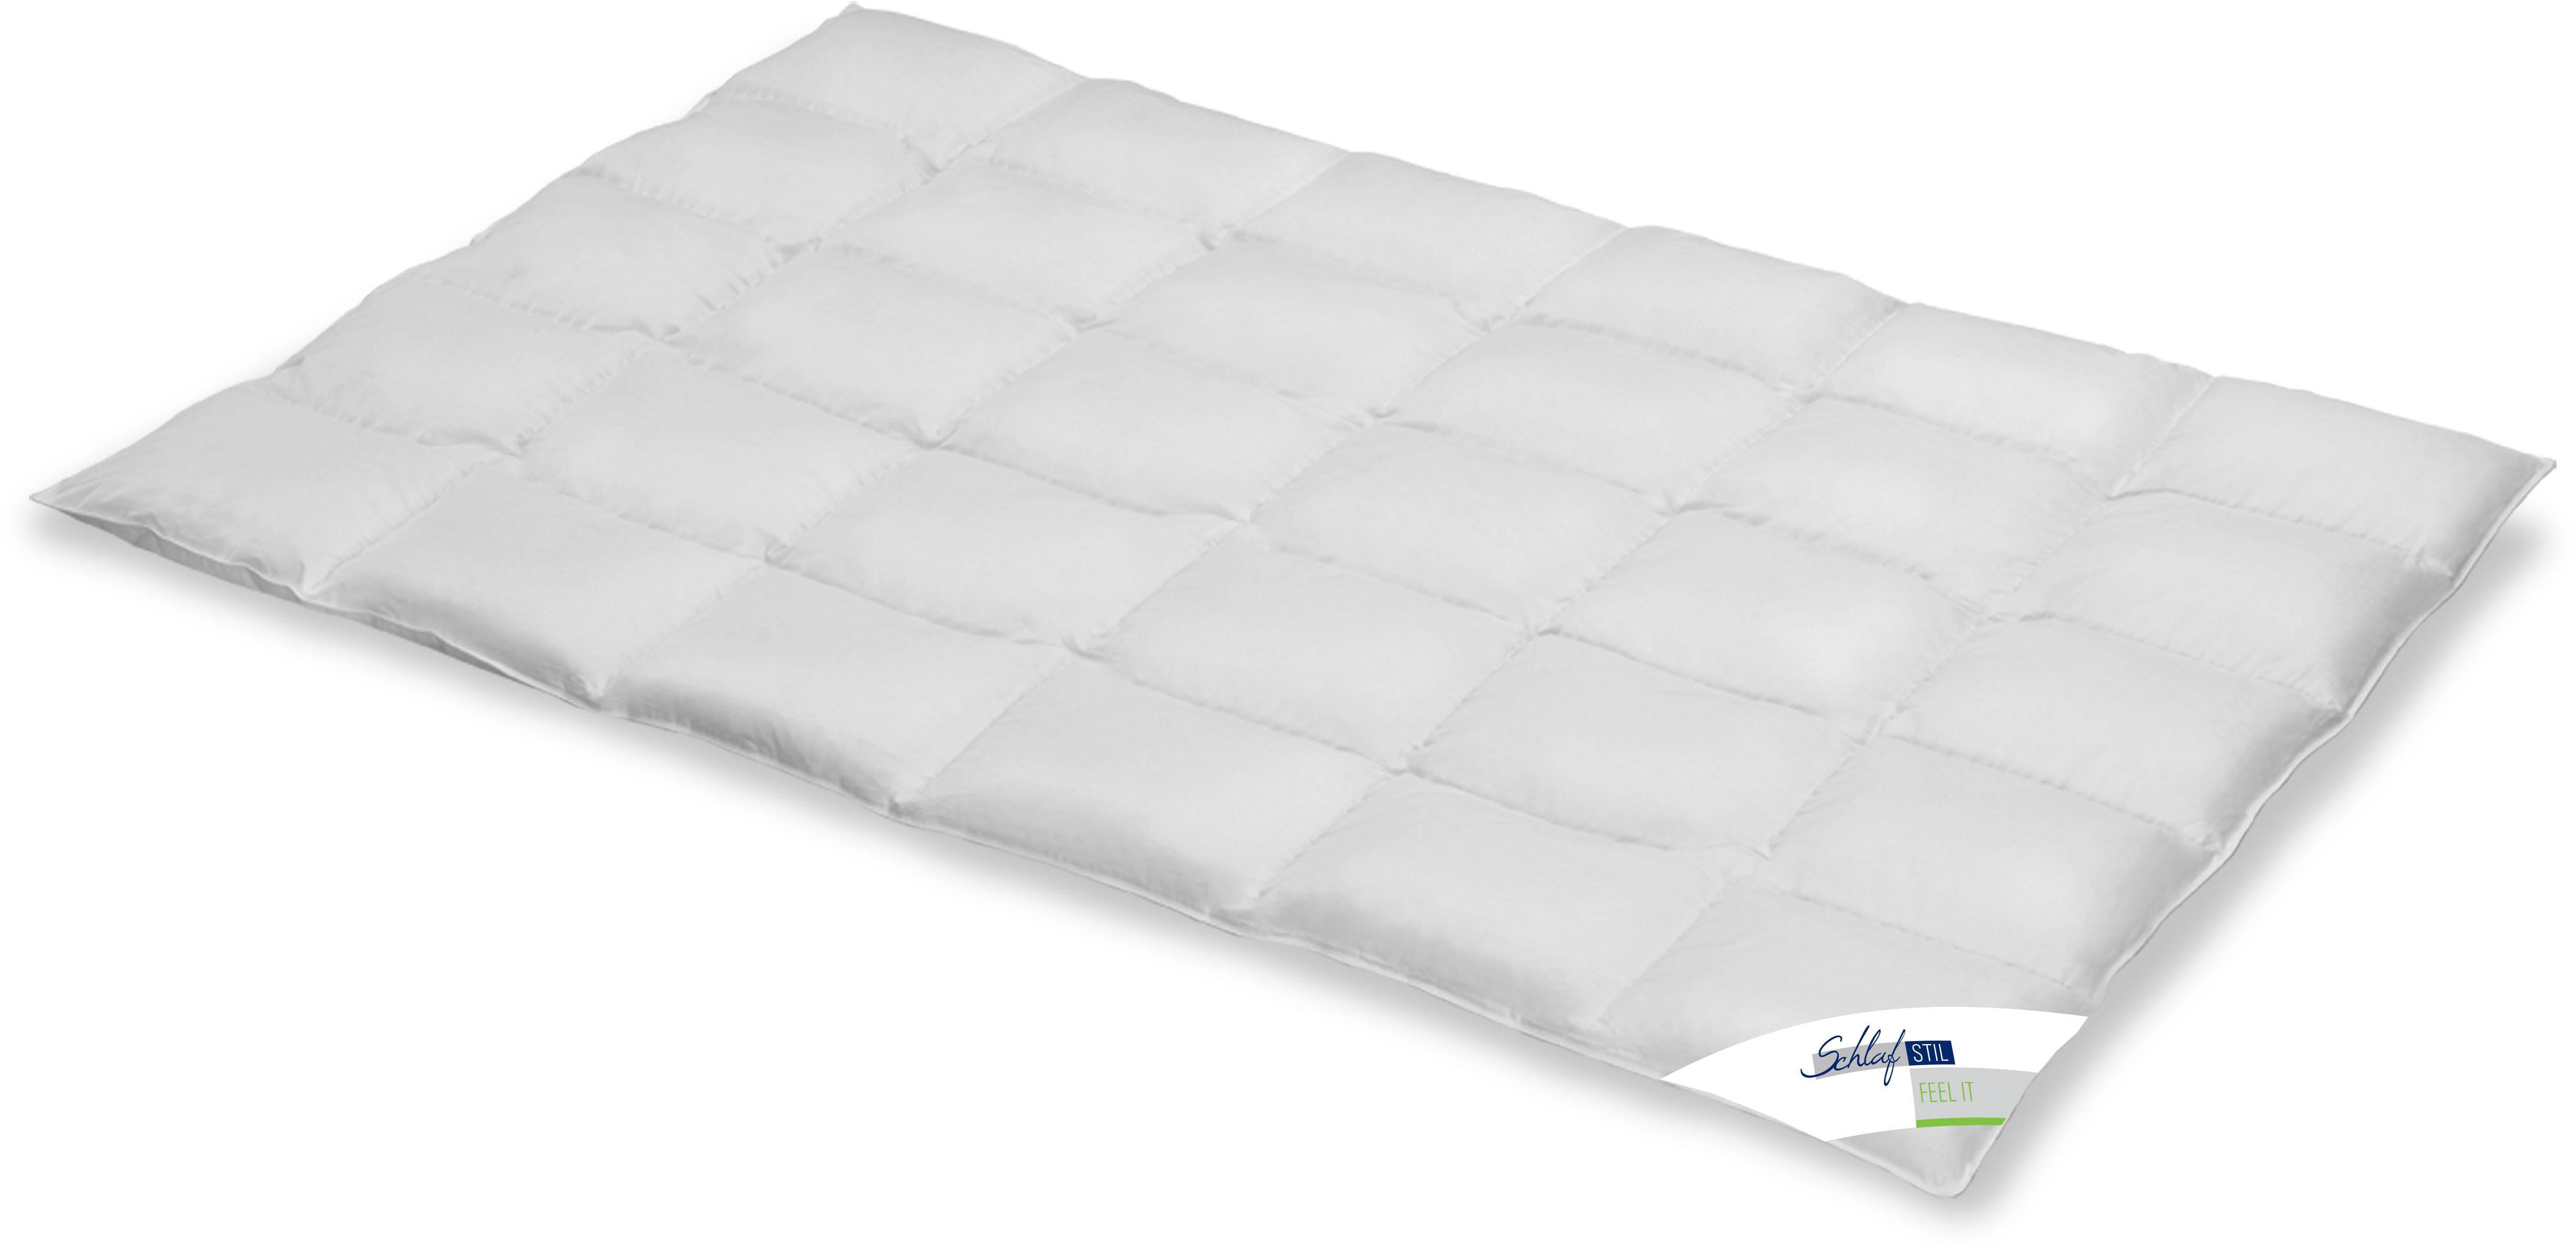 Daunenbettdecke Feel It Schlafstil normal Füllung: 100% Daunen Bezug: 100% Baumwolle